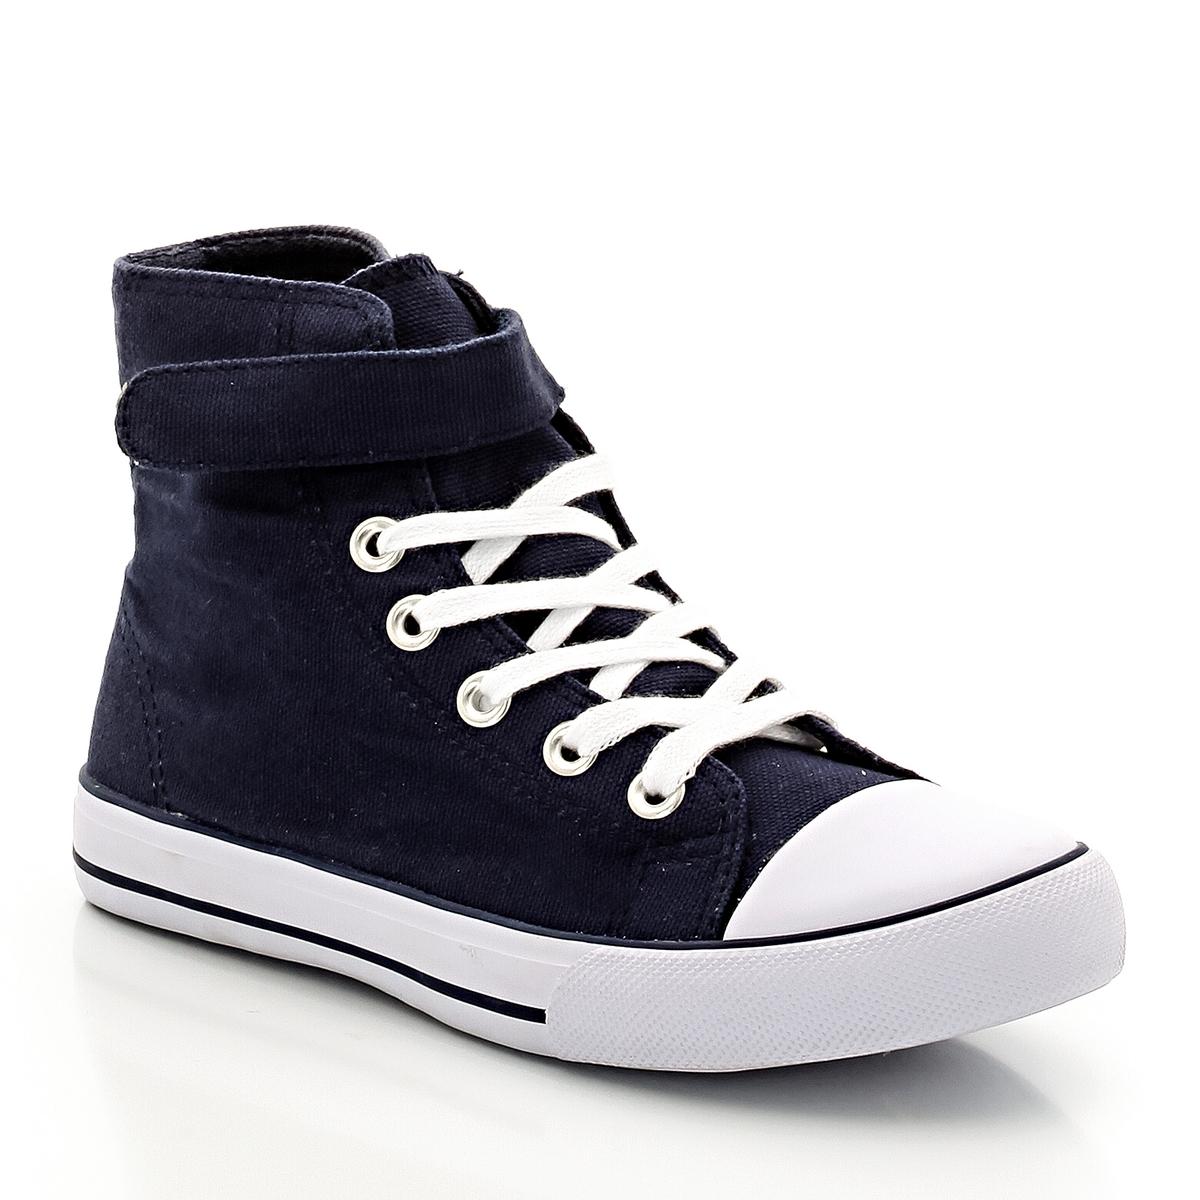 Кеды из тканиДетали  •  Кеды высокие •  Спортивный стиль •  Плоский каблук •  Застежка : шнуровка •  Гладкая отделкаСостав и уход   • Верх 100% хлопок<br><br>Цвет: темно-синий<br>Размер: 26.36.31.28.32.29